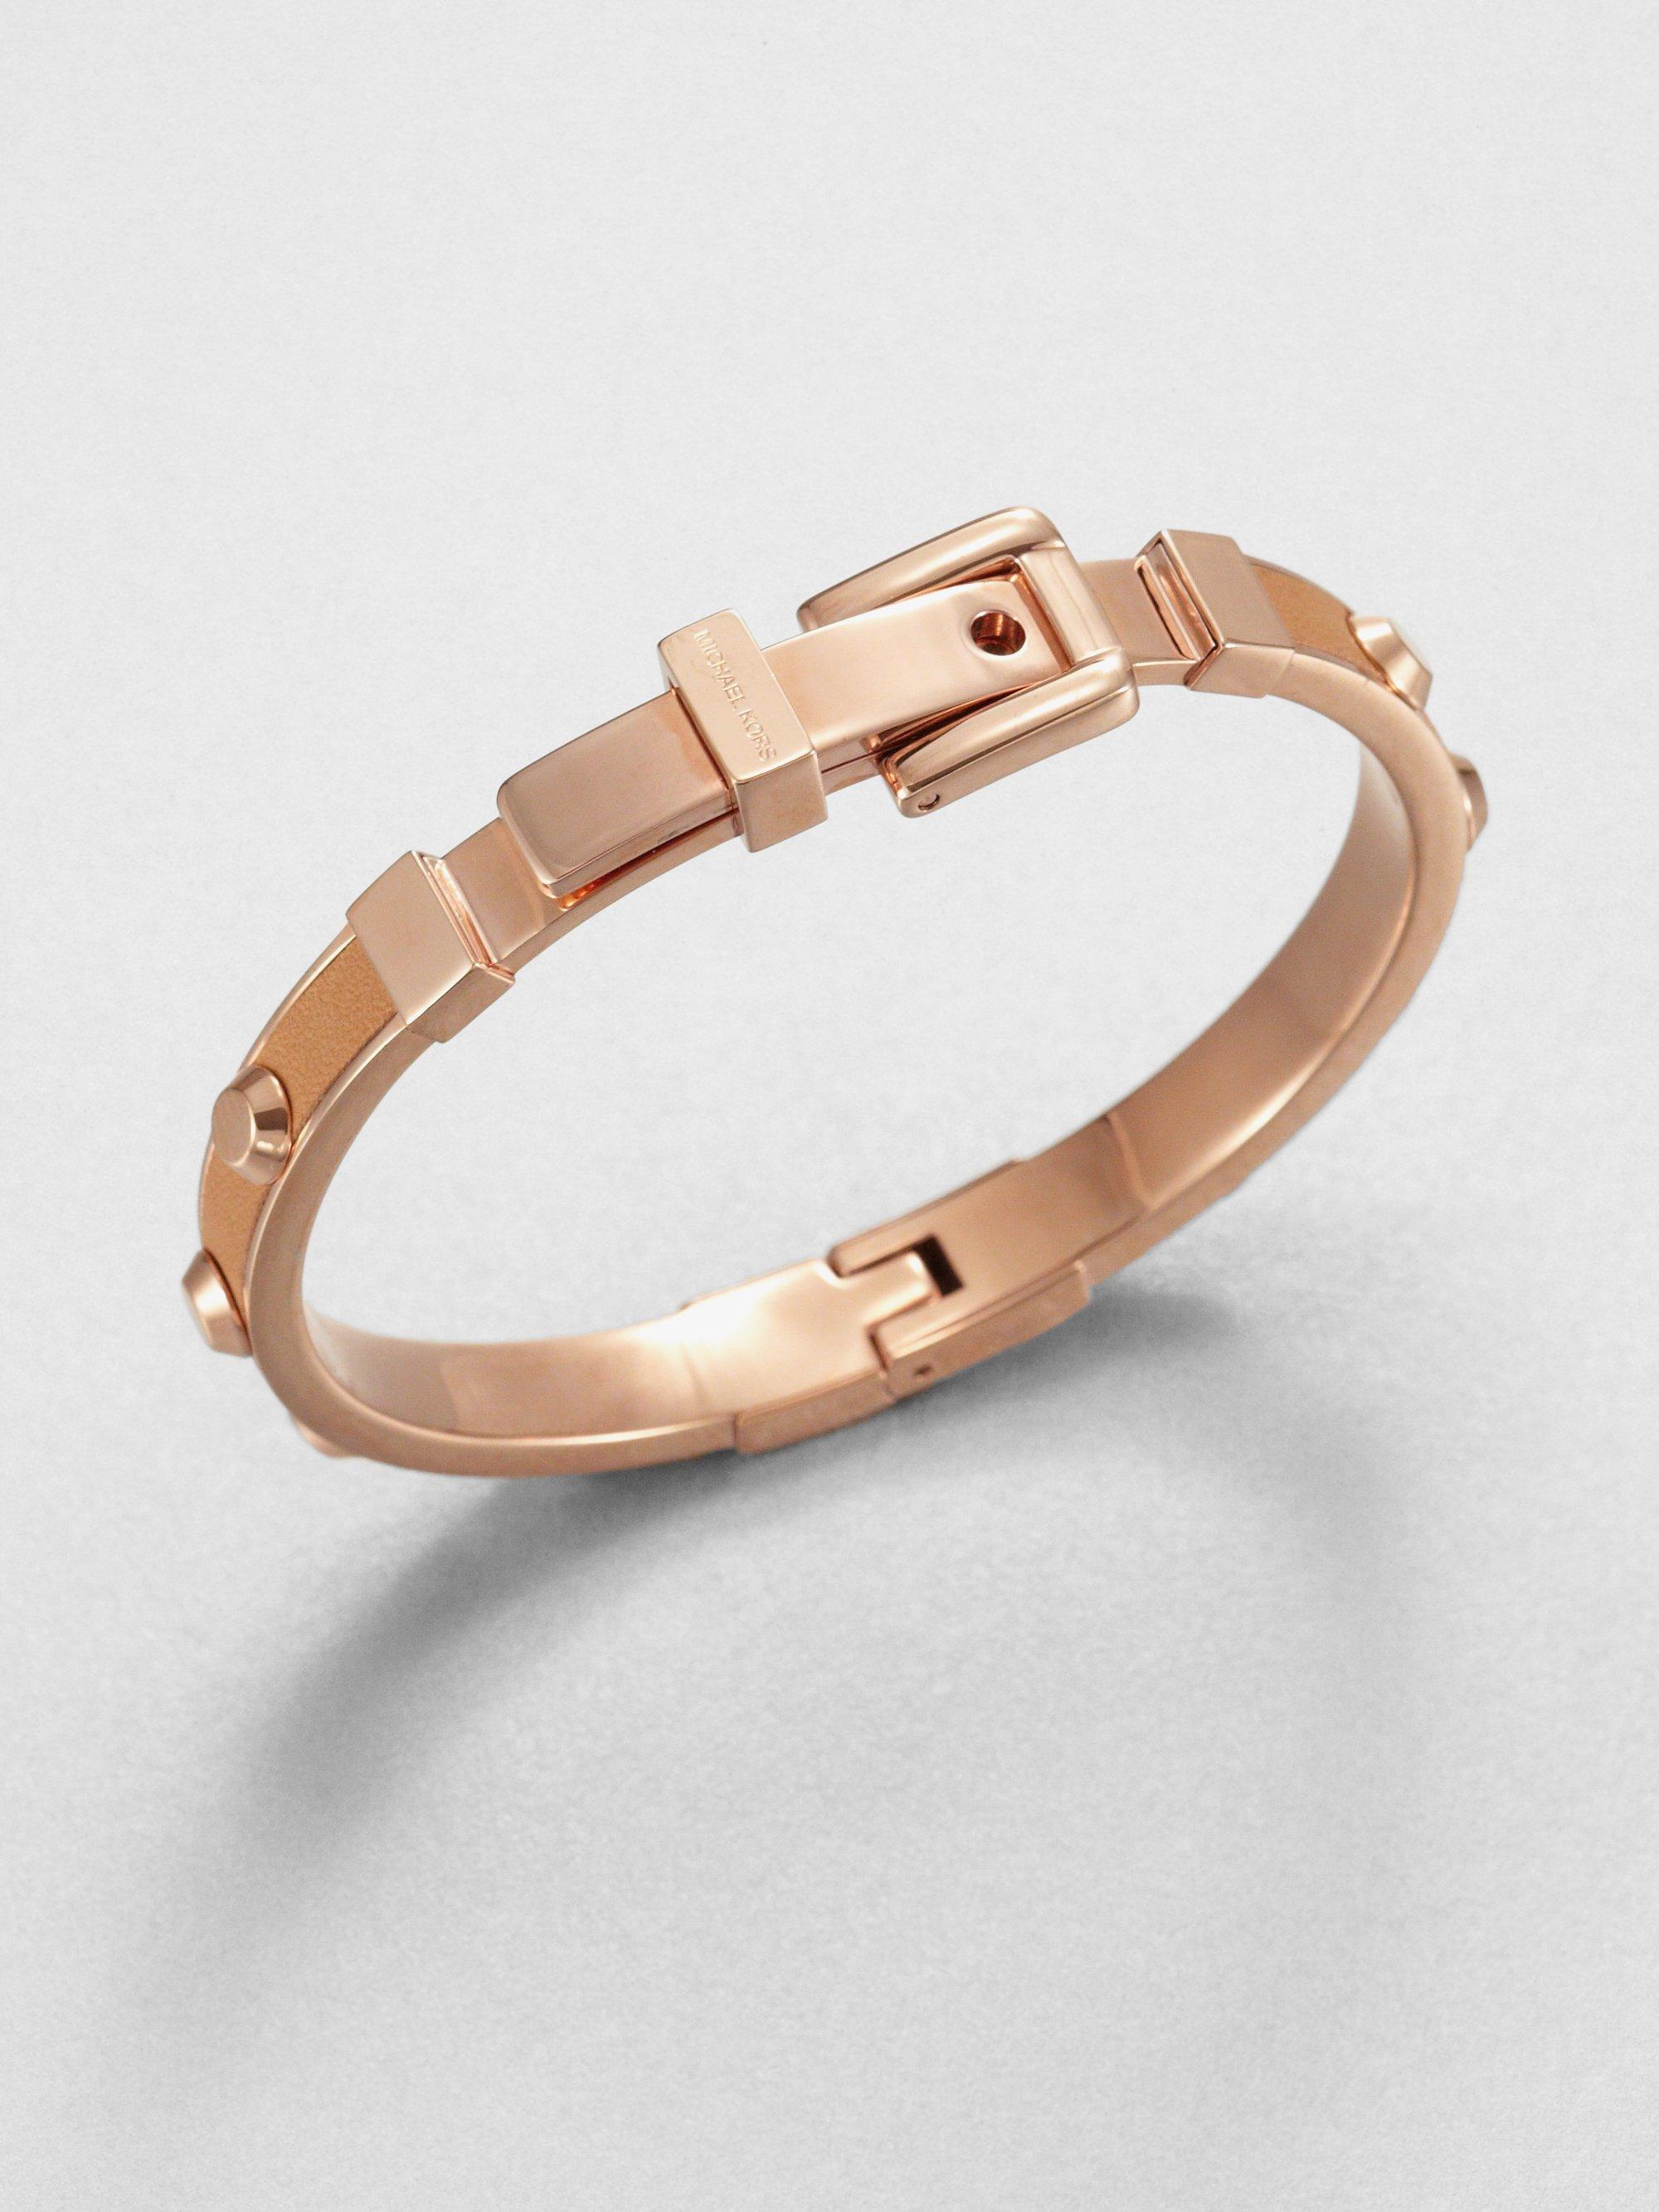 michael kors studded leather inset bangle bracelet tan in. Black Bedroom Furniture Sets. Home Design Ideas